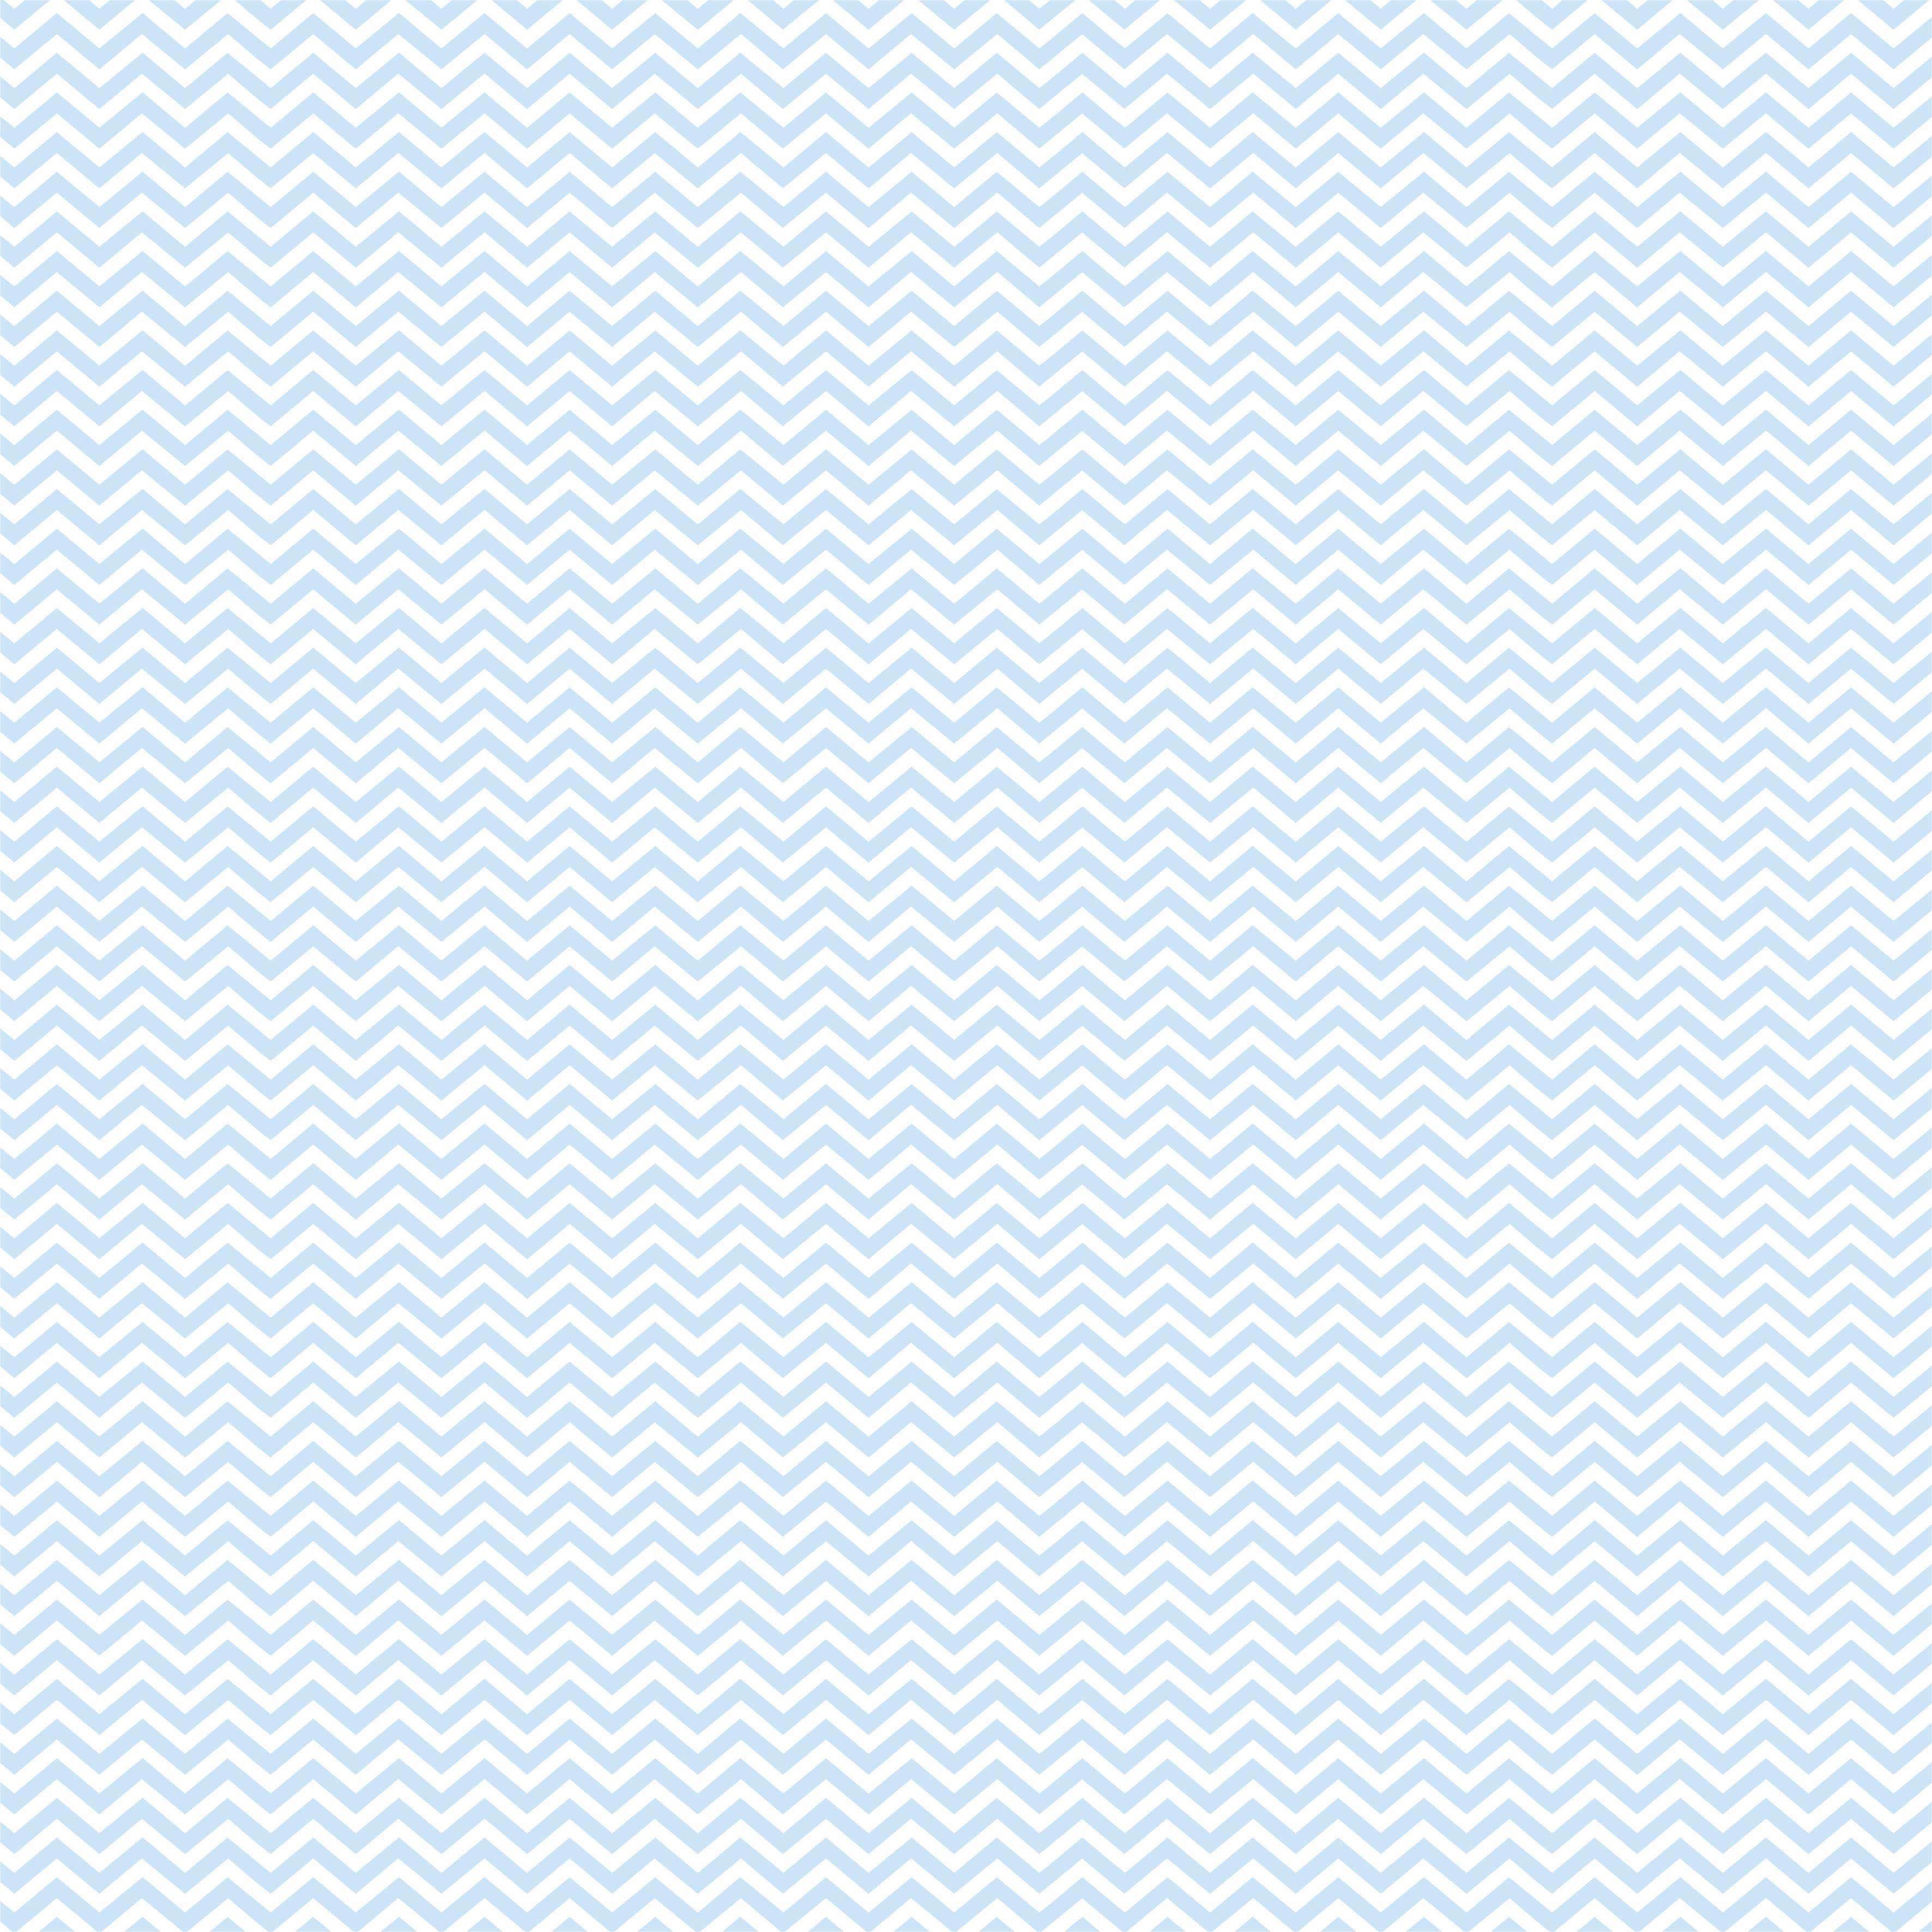 papel digital carrossel menino 2